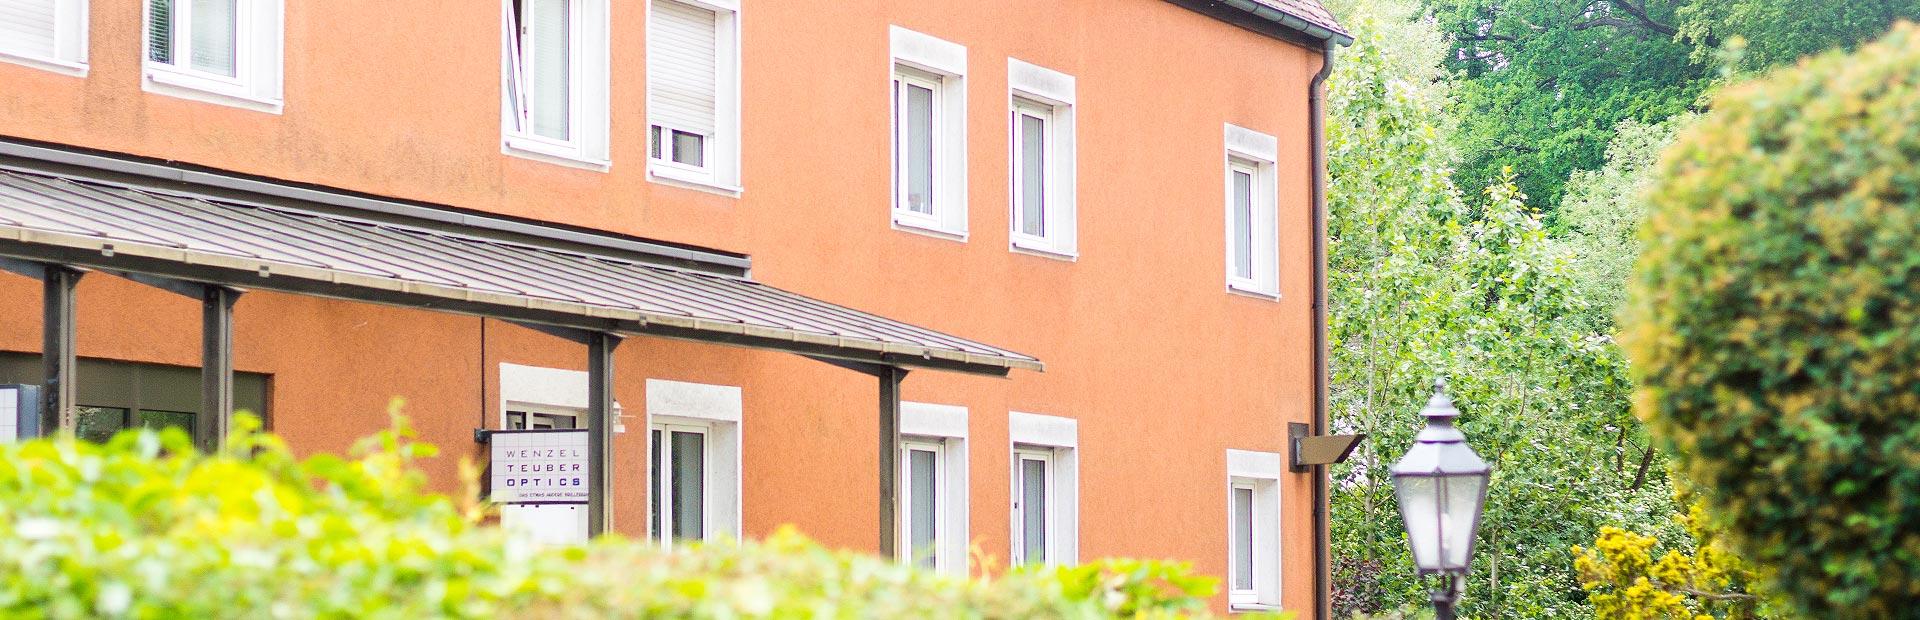 Gebäude Hausarztpraxis Wendelstein